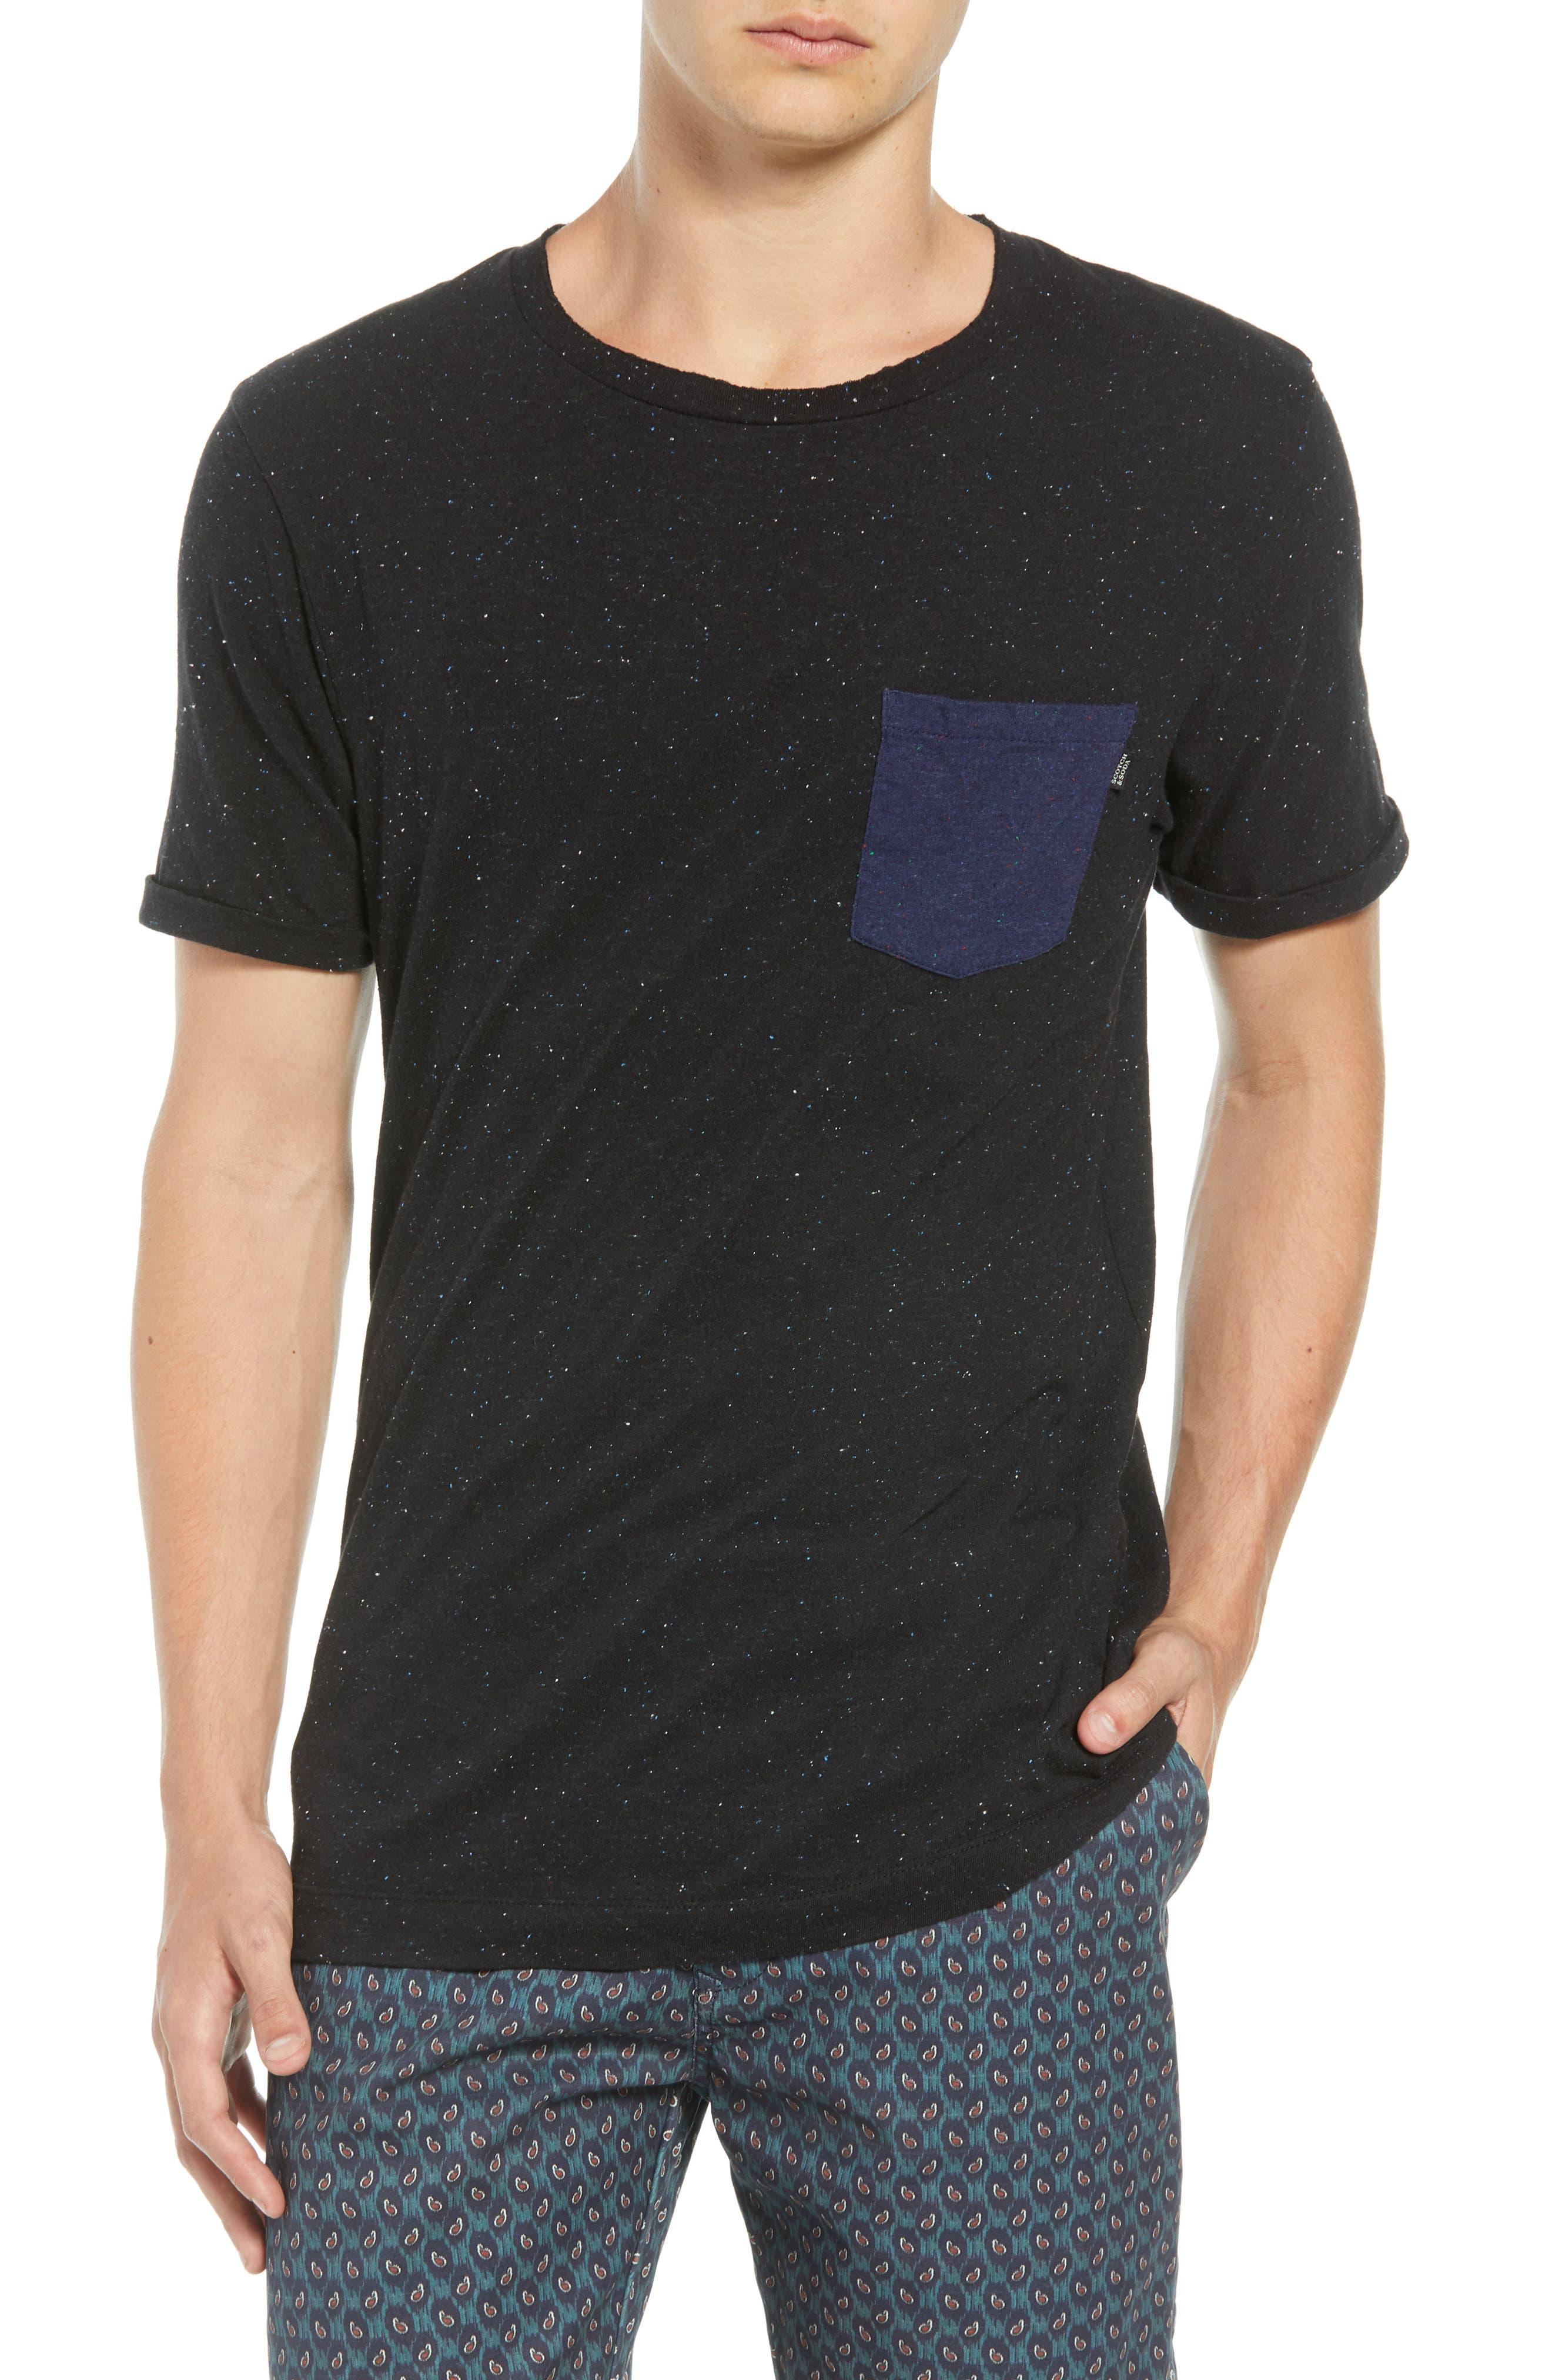 Nep Jersey Pocket T-Shirt,                         Main,                         color, BLACK MELANGE